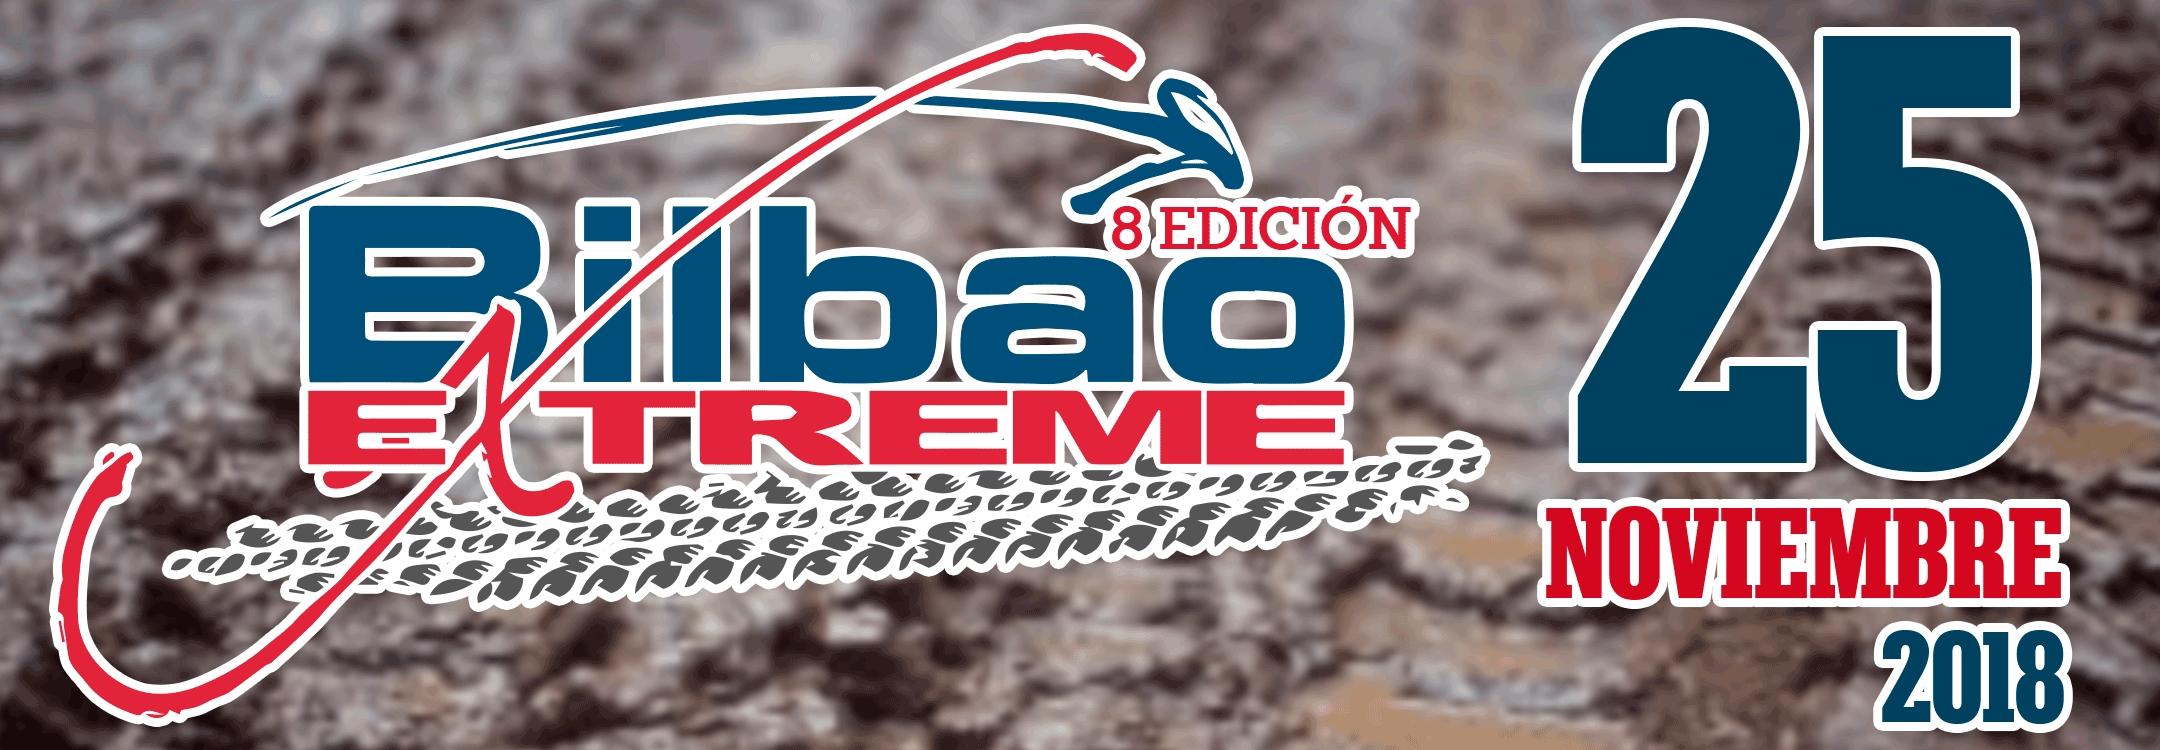 Bilbao Extreme 8ª Edición